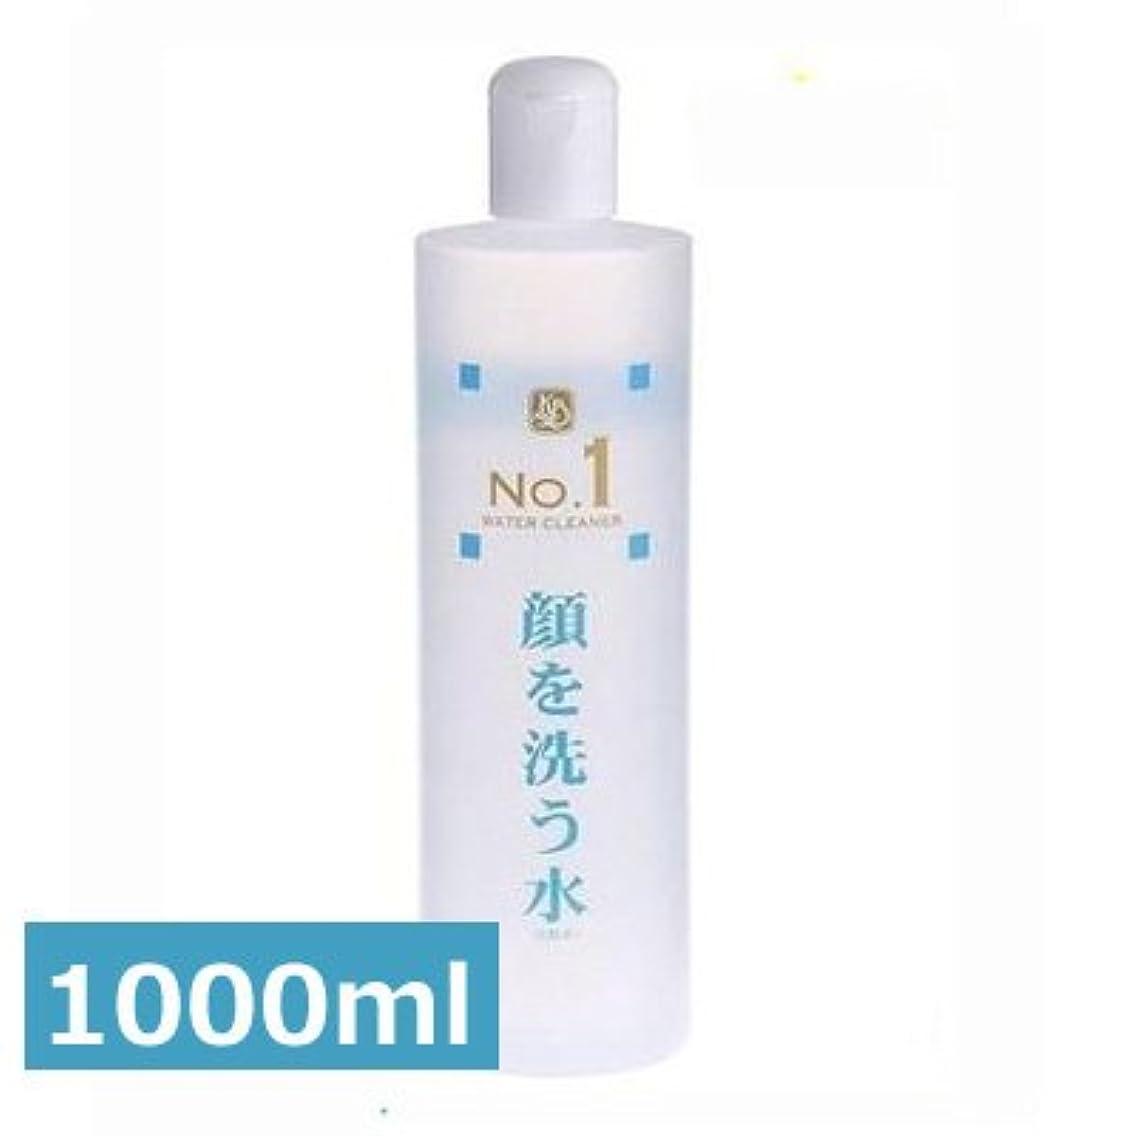 微生物経度である顔を洗う水 No.1 1000ml×2本